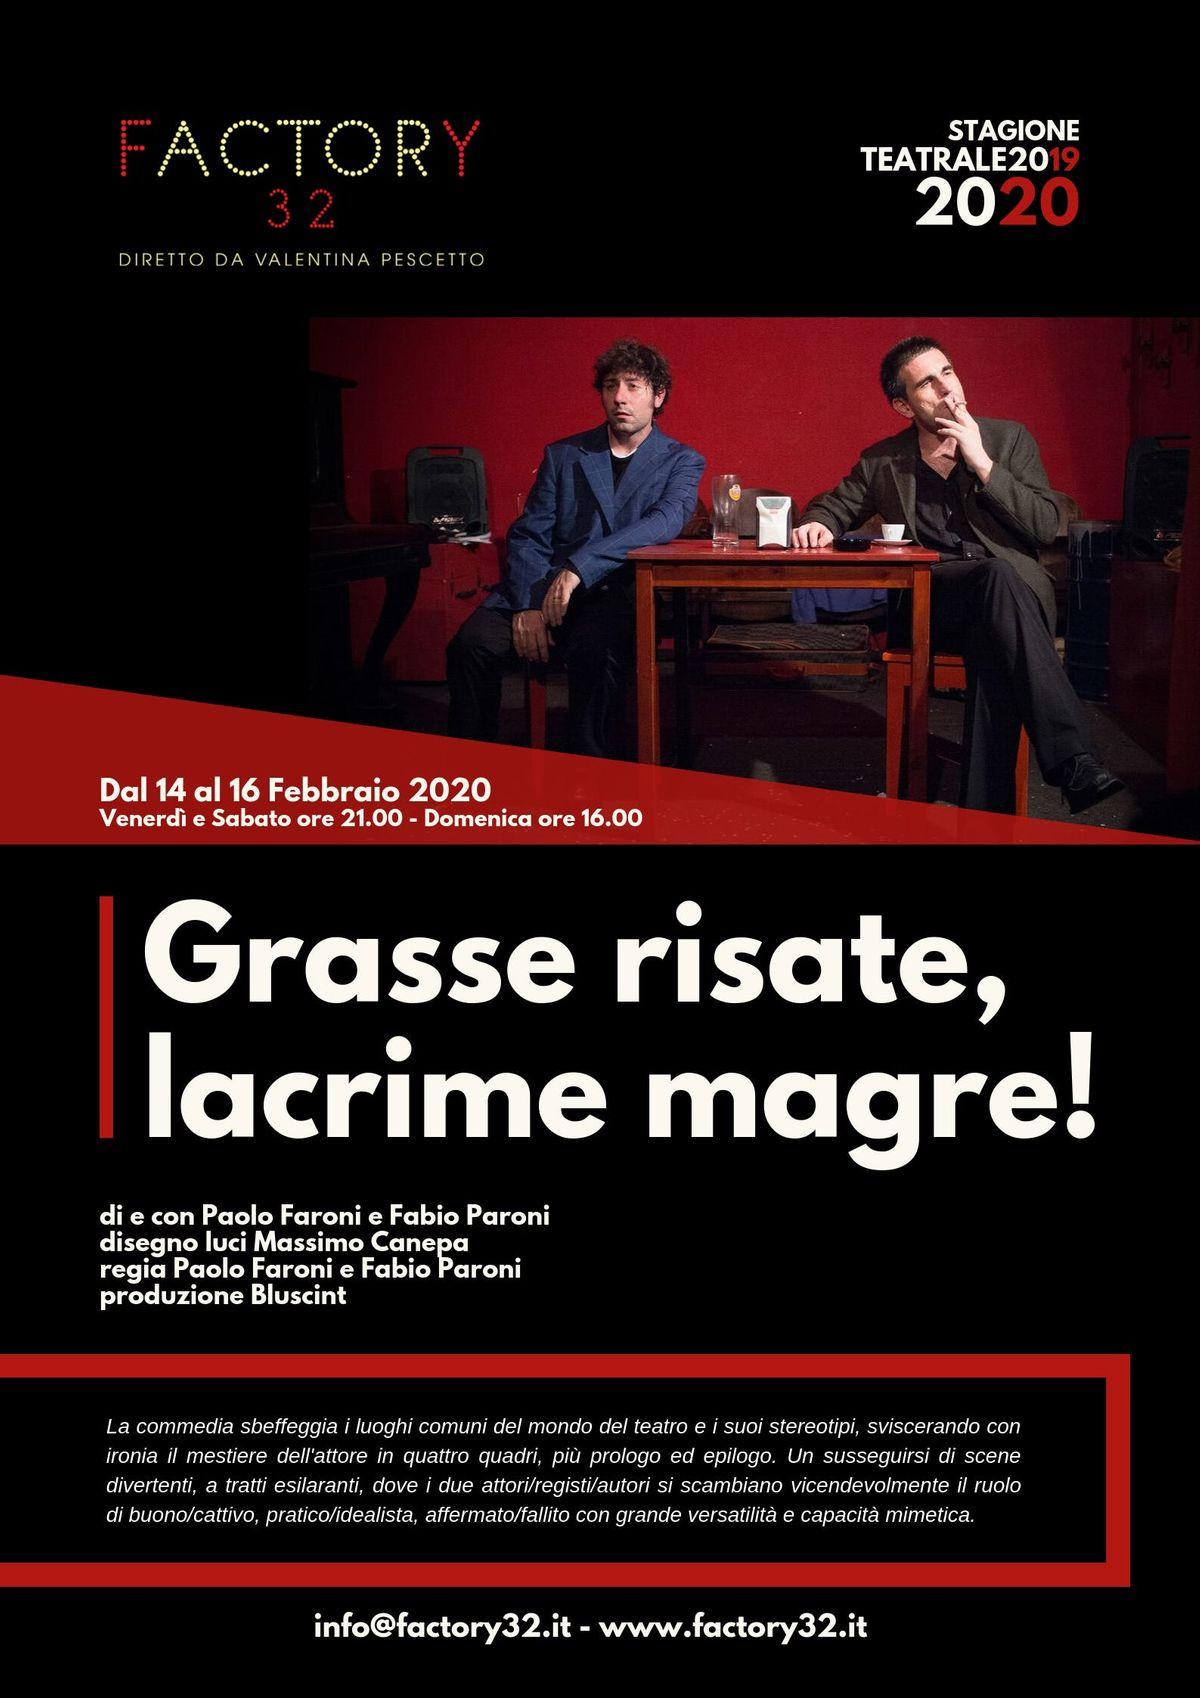 Immagini Dal Mondo Divertenti grasse risate, lacrime magre! @factory32 at factory32, milano